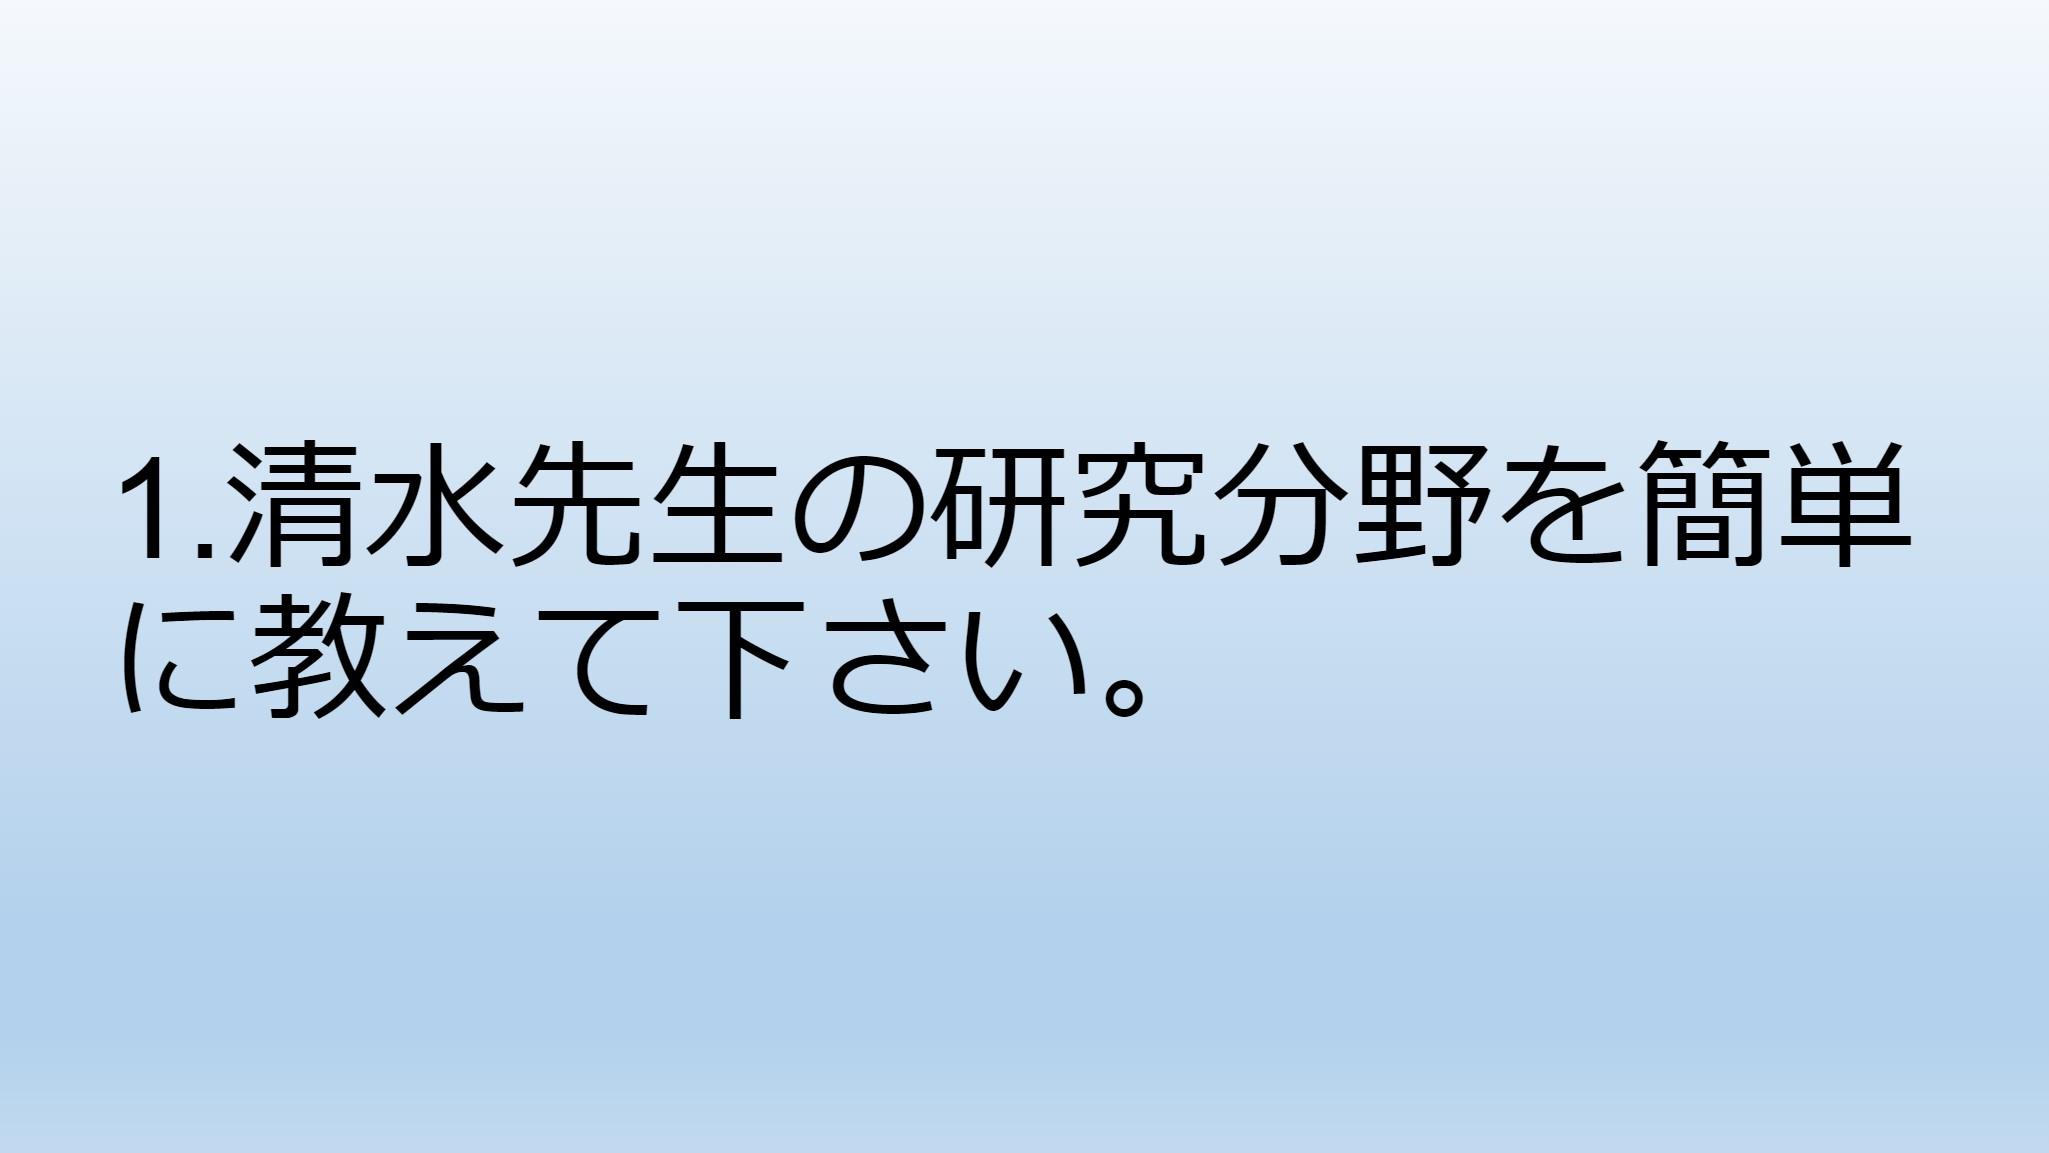 スクリーンショット (22).jpg